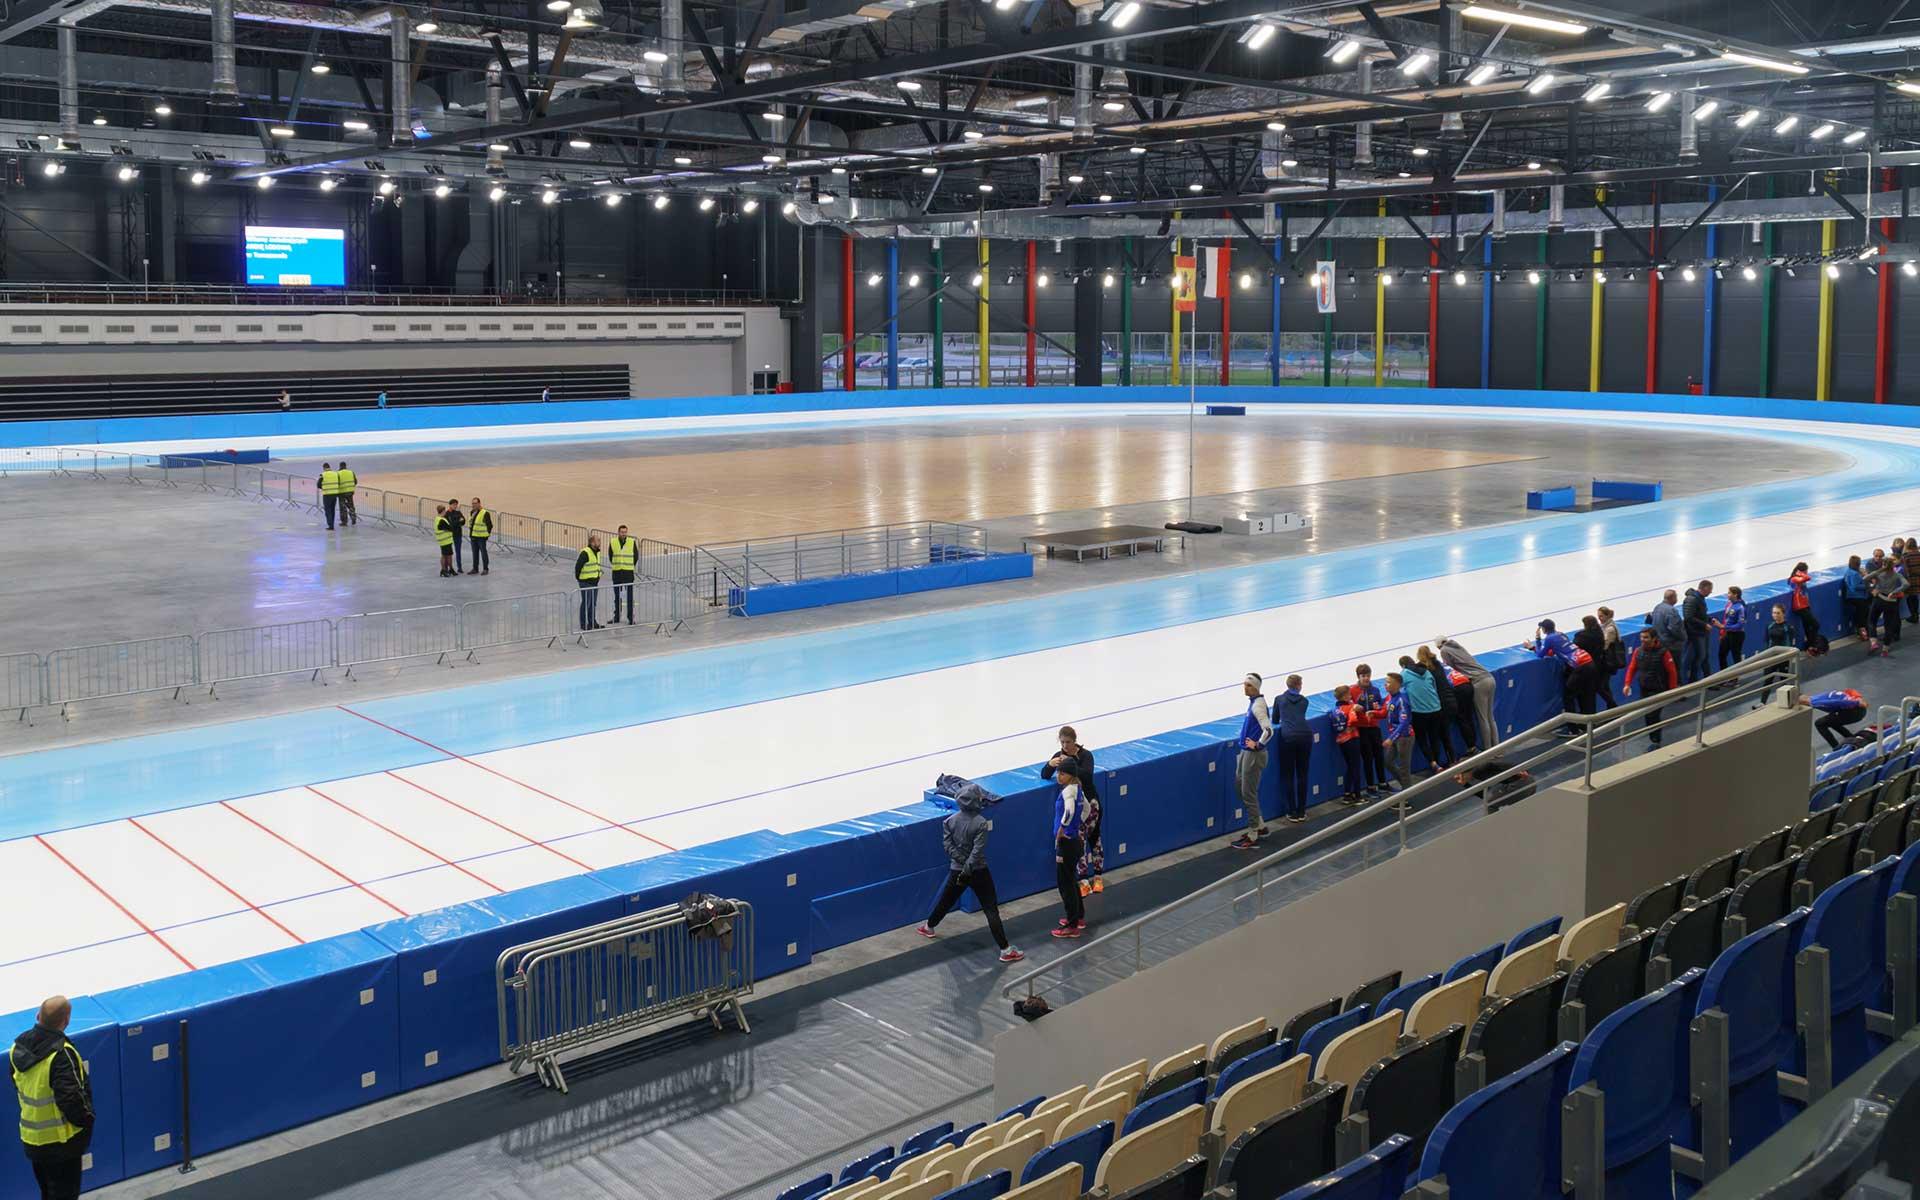 Arena Lodowa